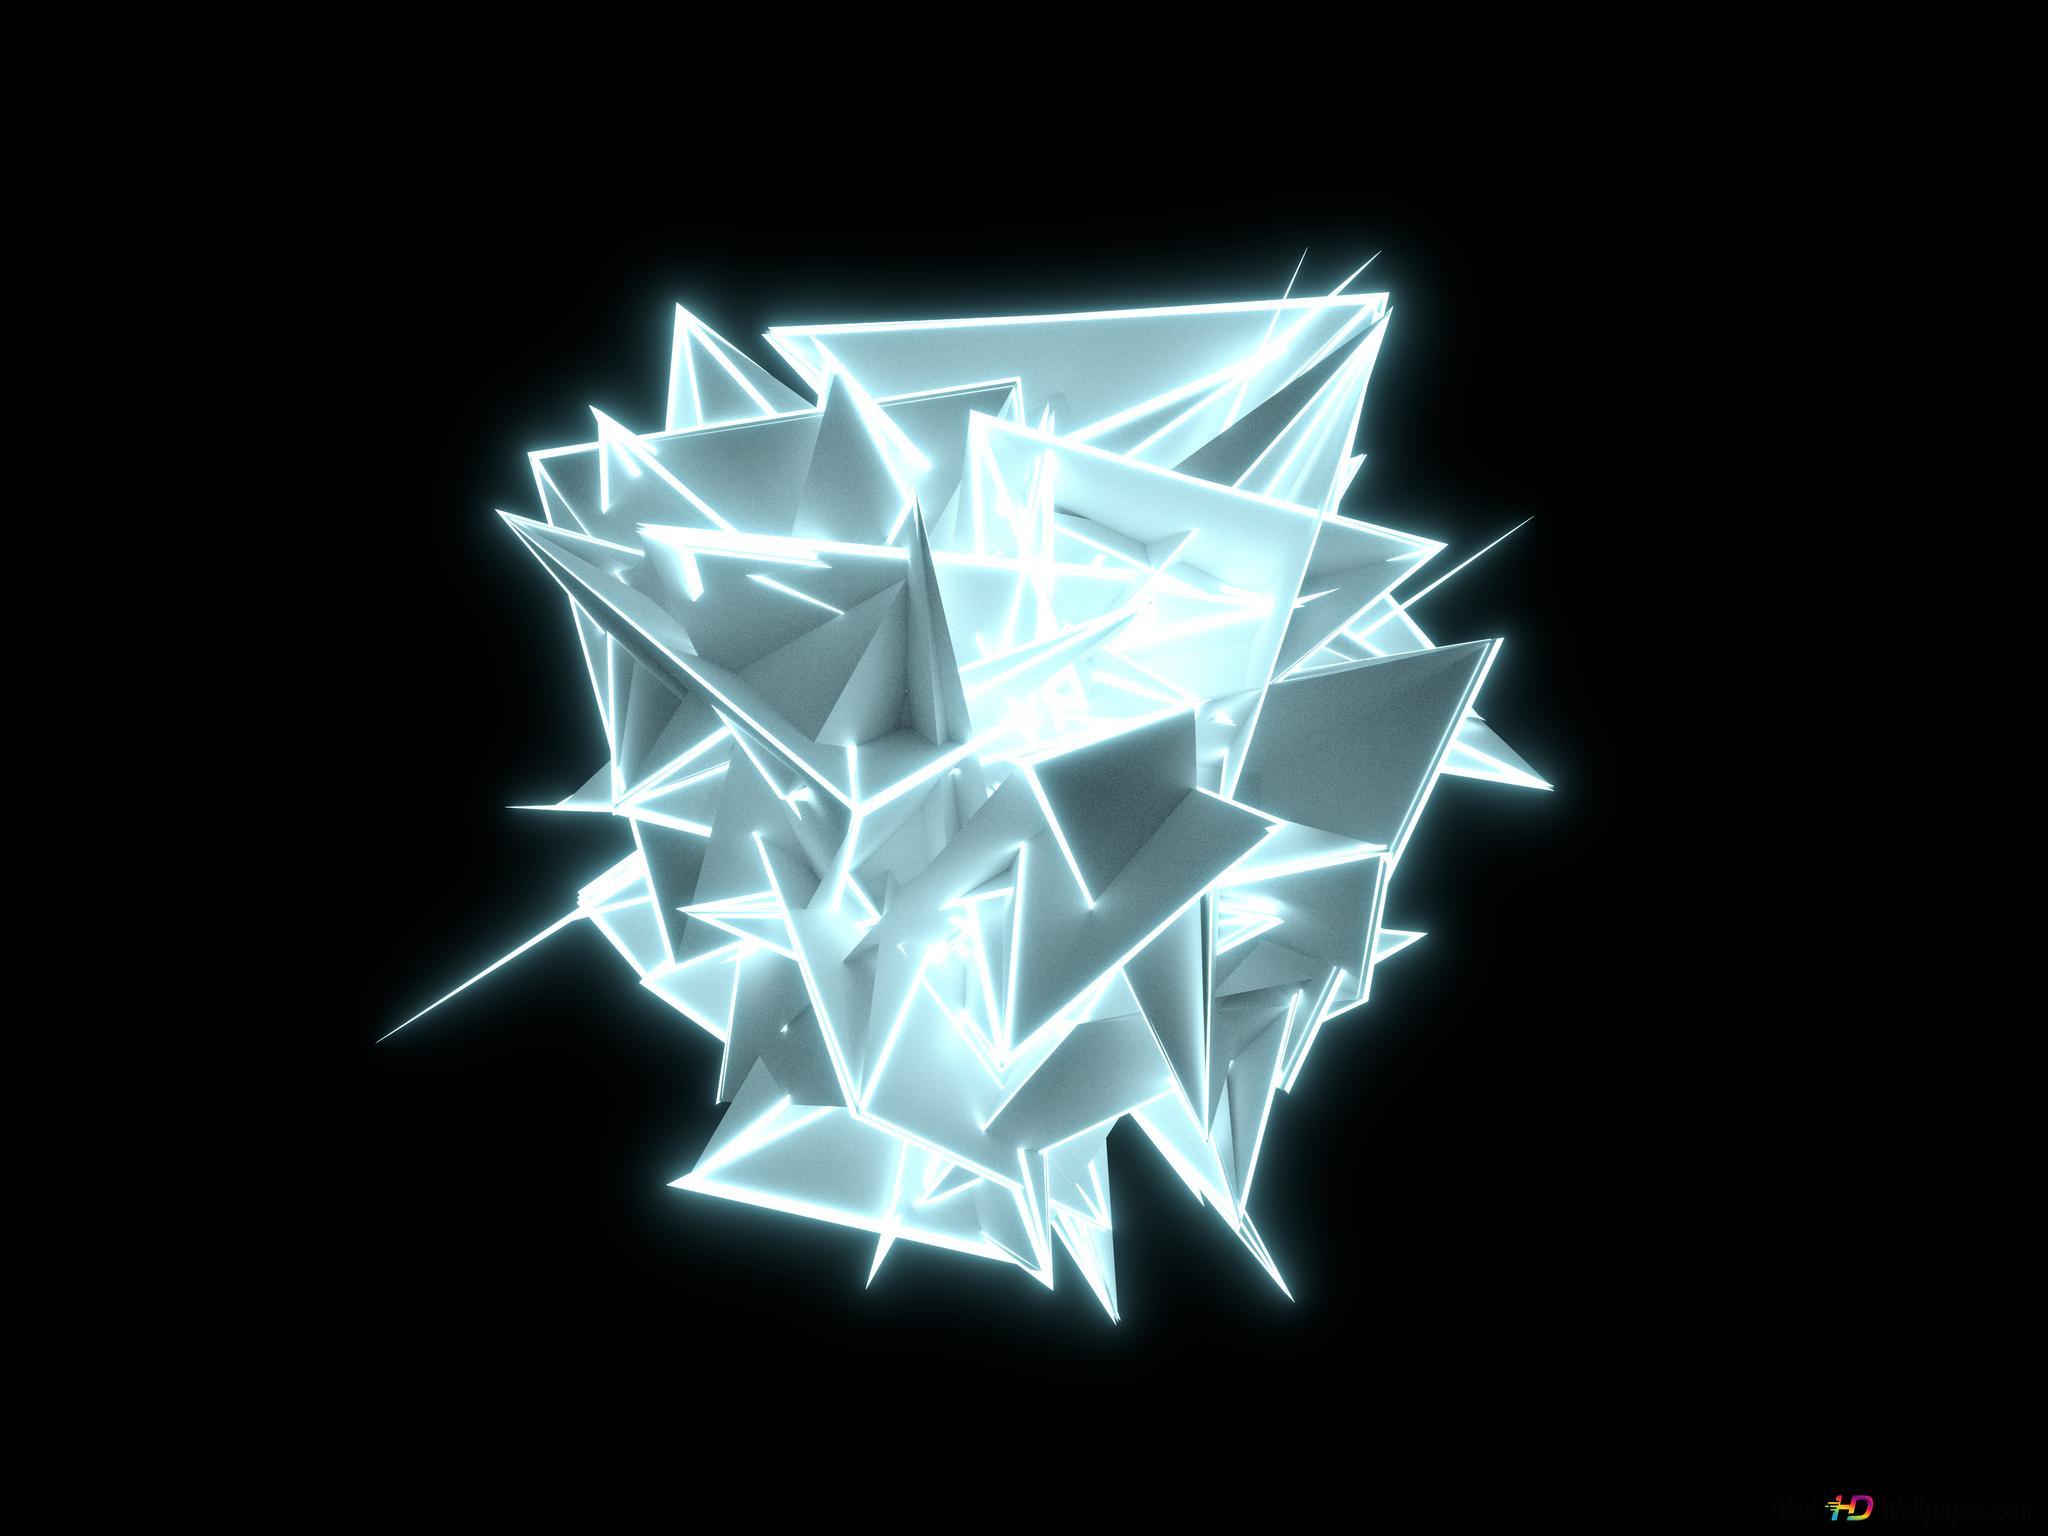 4D Cube HD wallpaper download